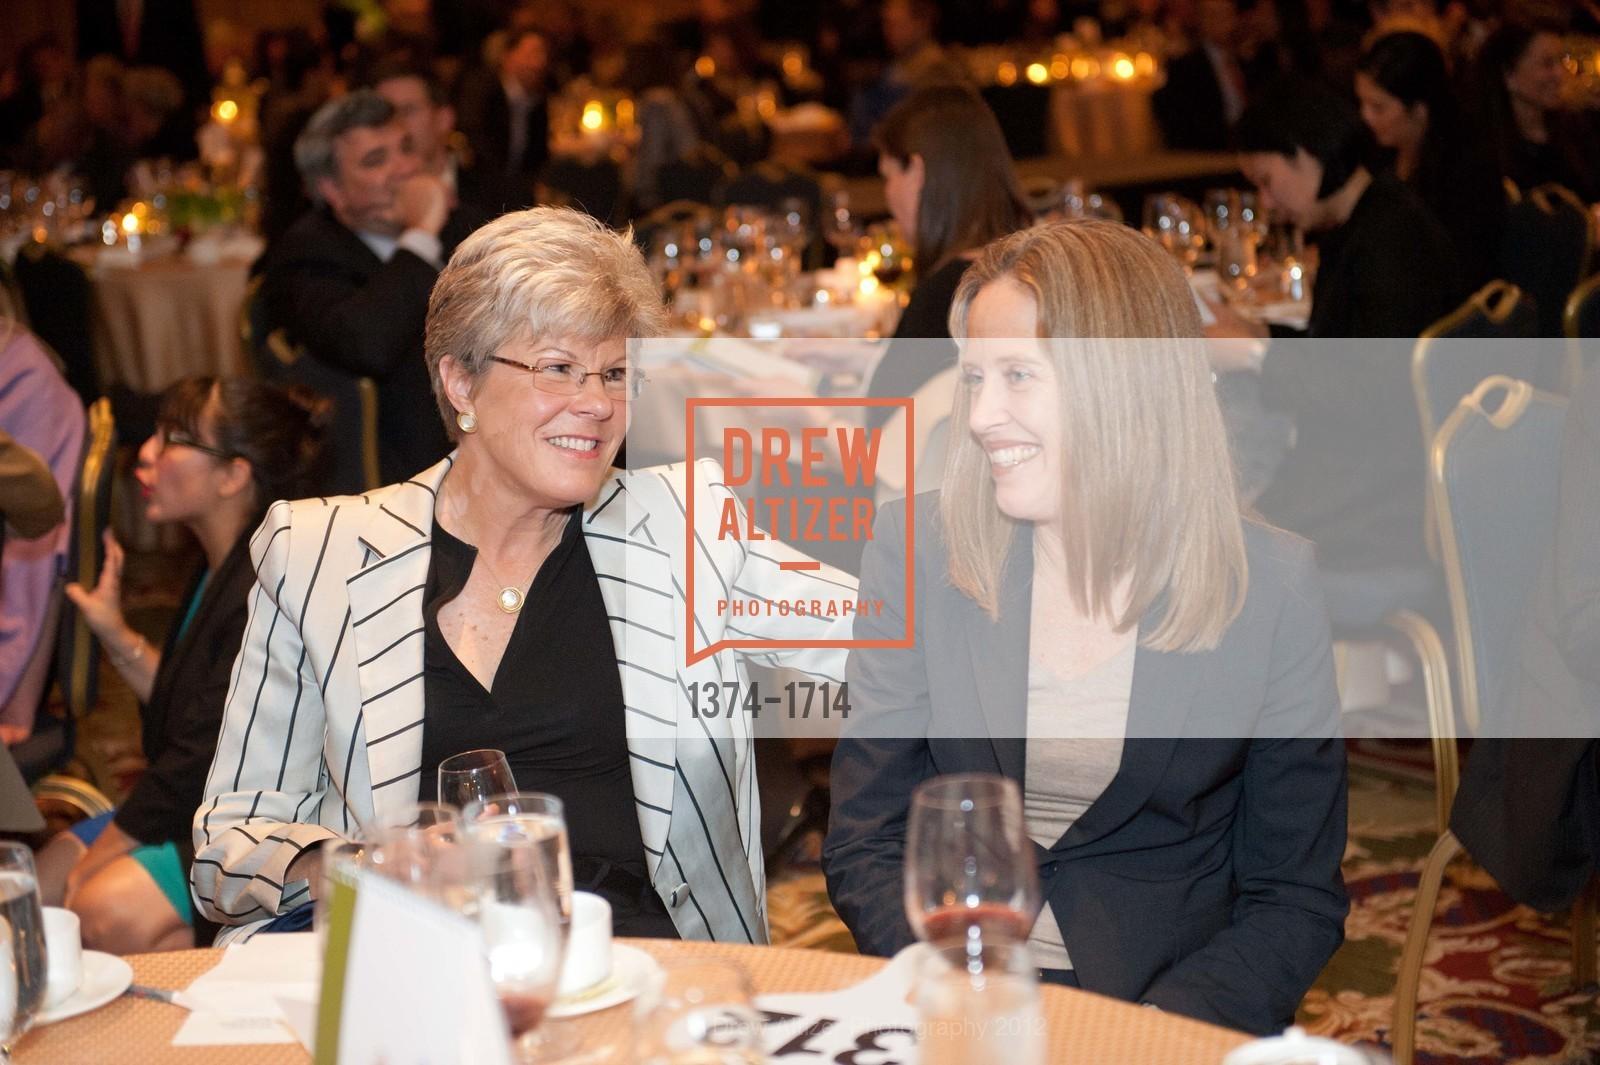 Sharon Saunders, Wendy Kopp, Photo #1374-1714